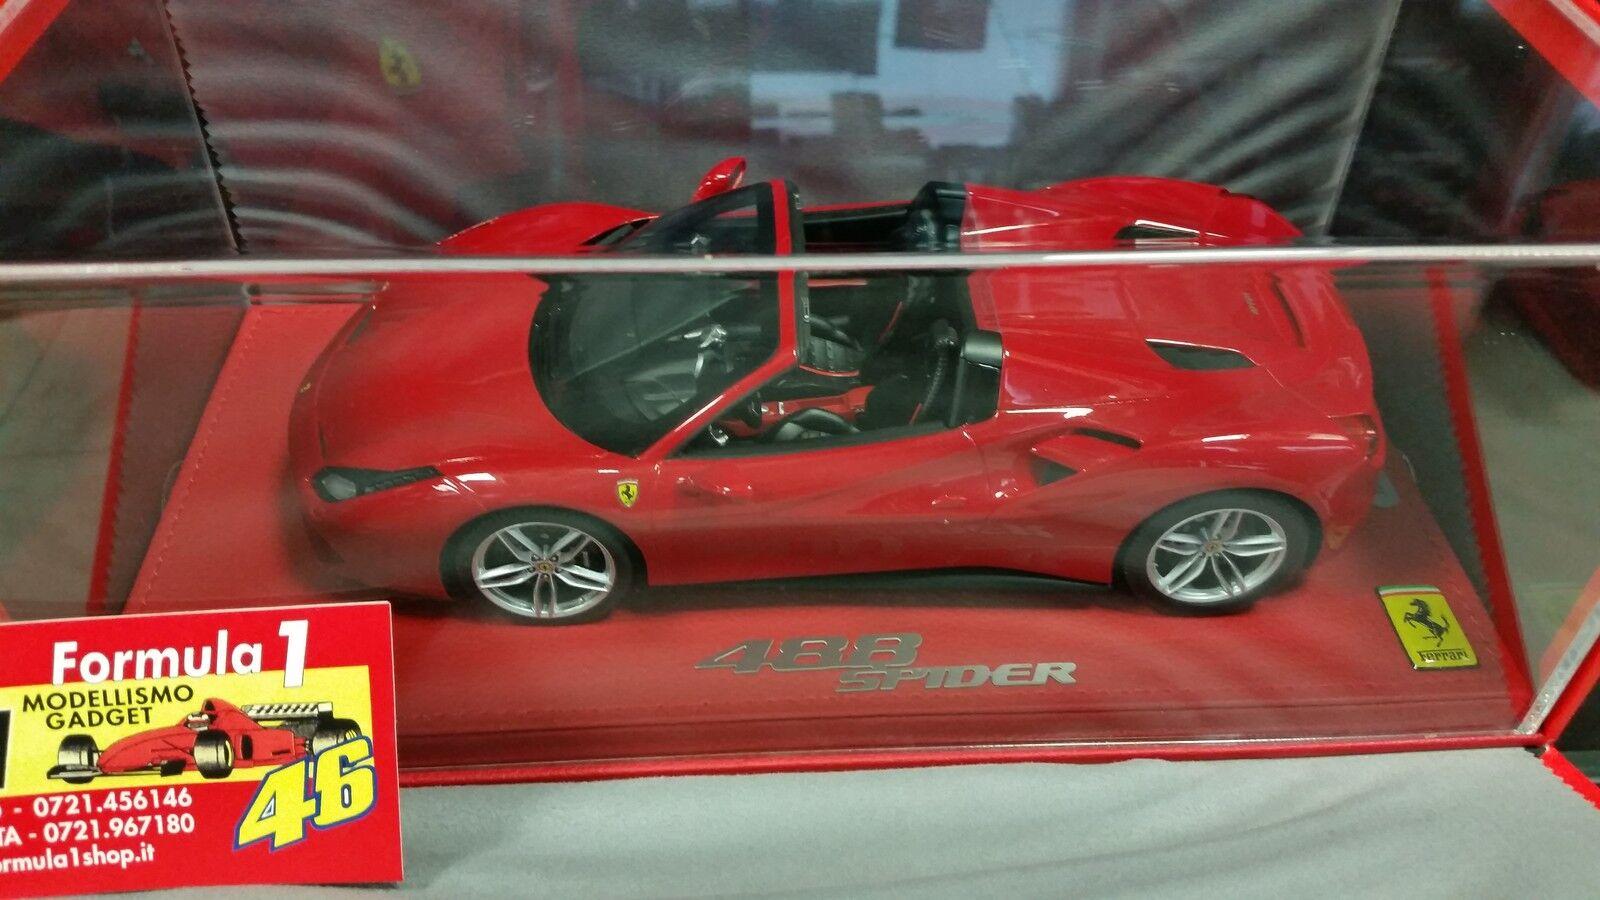 compra meglio Ferrari 488 Spider 2015 Rosso Tristrato 1 18 lim.ed.148 lim.ed.148 lim.ed.148 pcs Display P18120AV BBR  risparmia fino al 70%